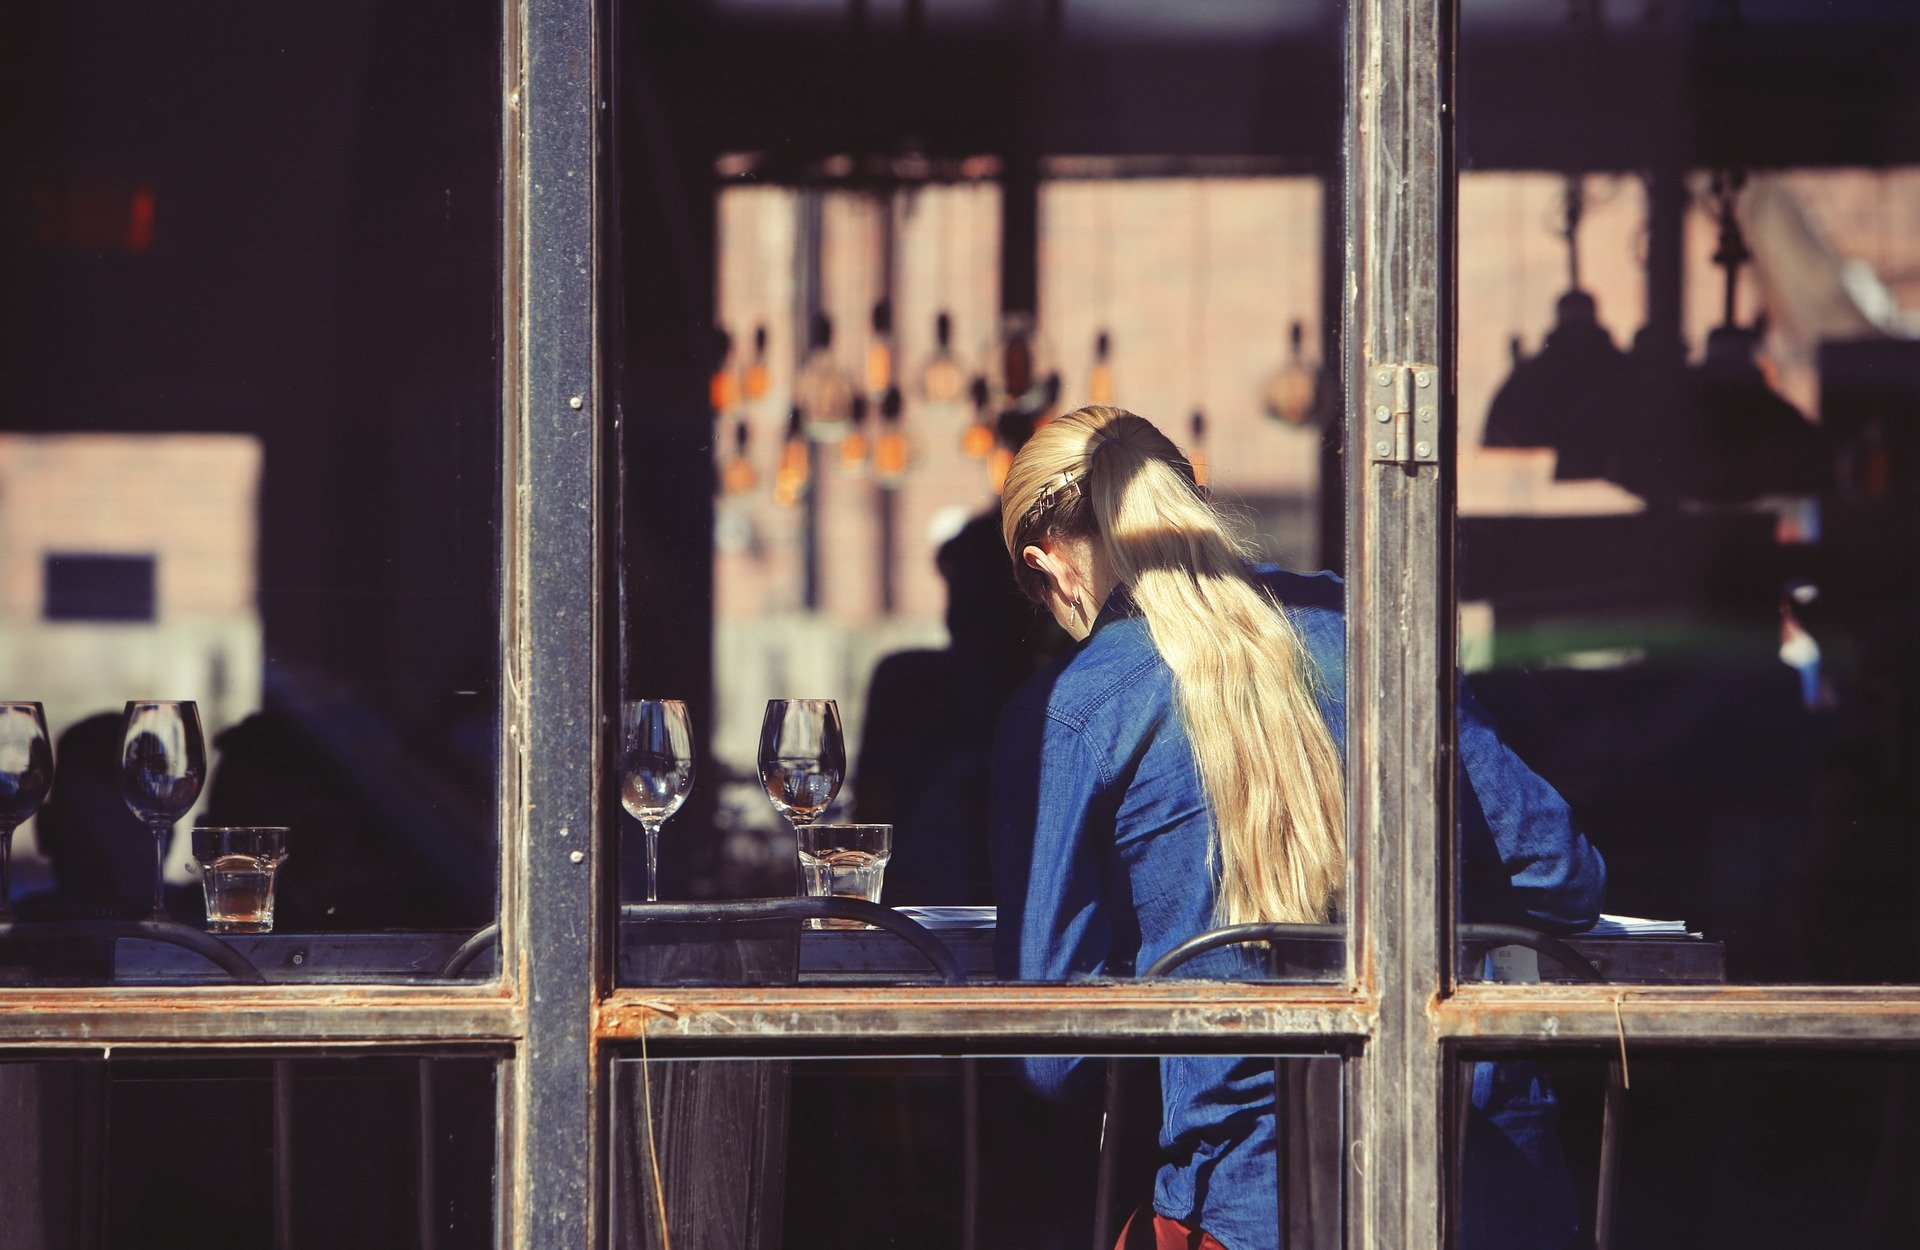 mujer, bar, hostelería